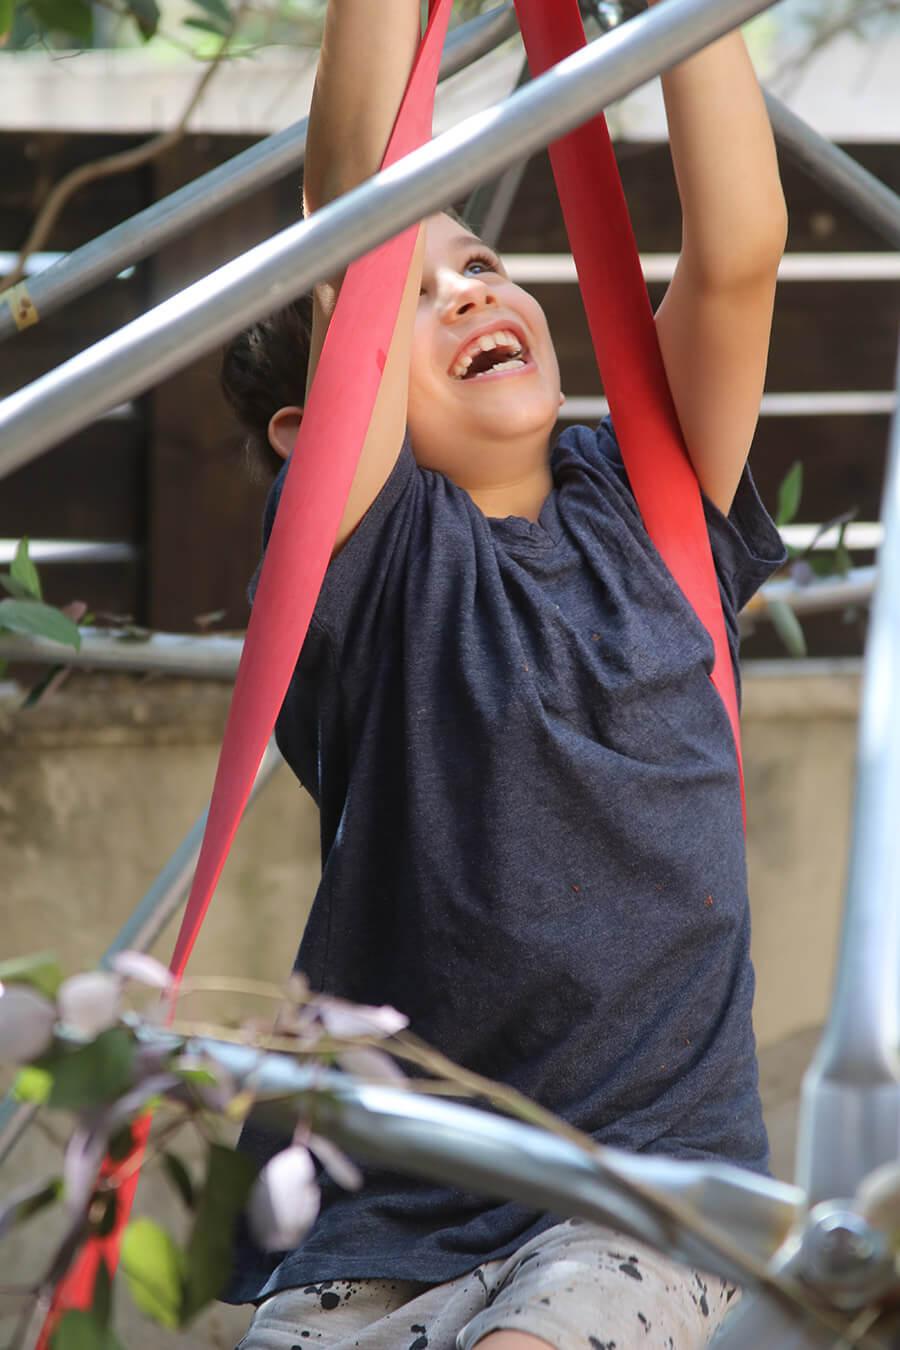 פעילויות לילדים בתקופת הקורונה | יצירה עם ילדים | תכנון אירועים עם ילדים | ילדים מבשלים | כיפה גאודזית עם ילדים | דום טיפוס | מתקן טיפוס לילדים | חברת טיפוסים | הבלוג ״סימני דרך״ | https://naamasimanim.co.il/